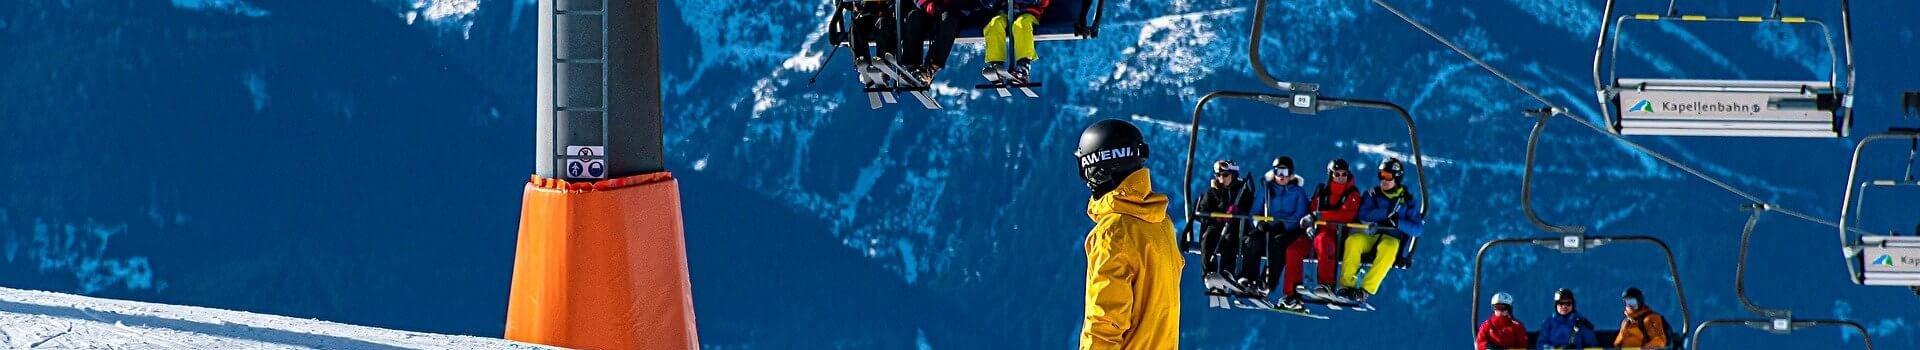 Odzież snowboardowa - w co warto zainwestować w pierwszej kolejności?